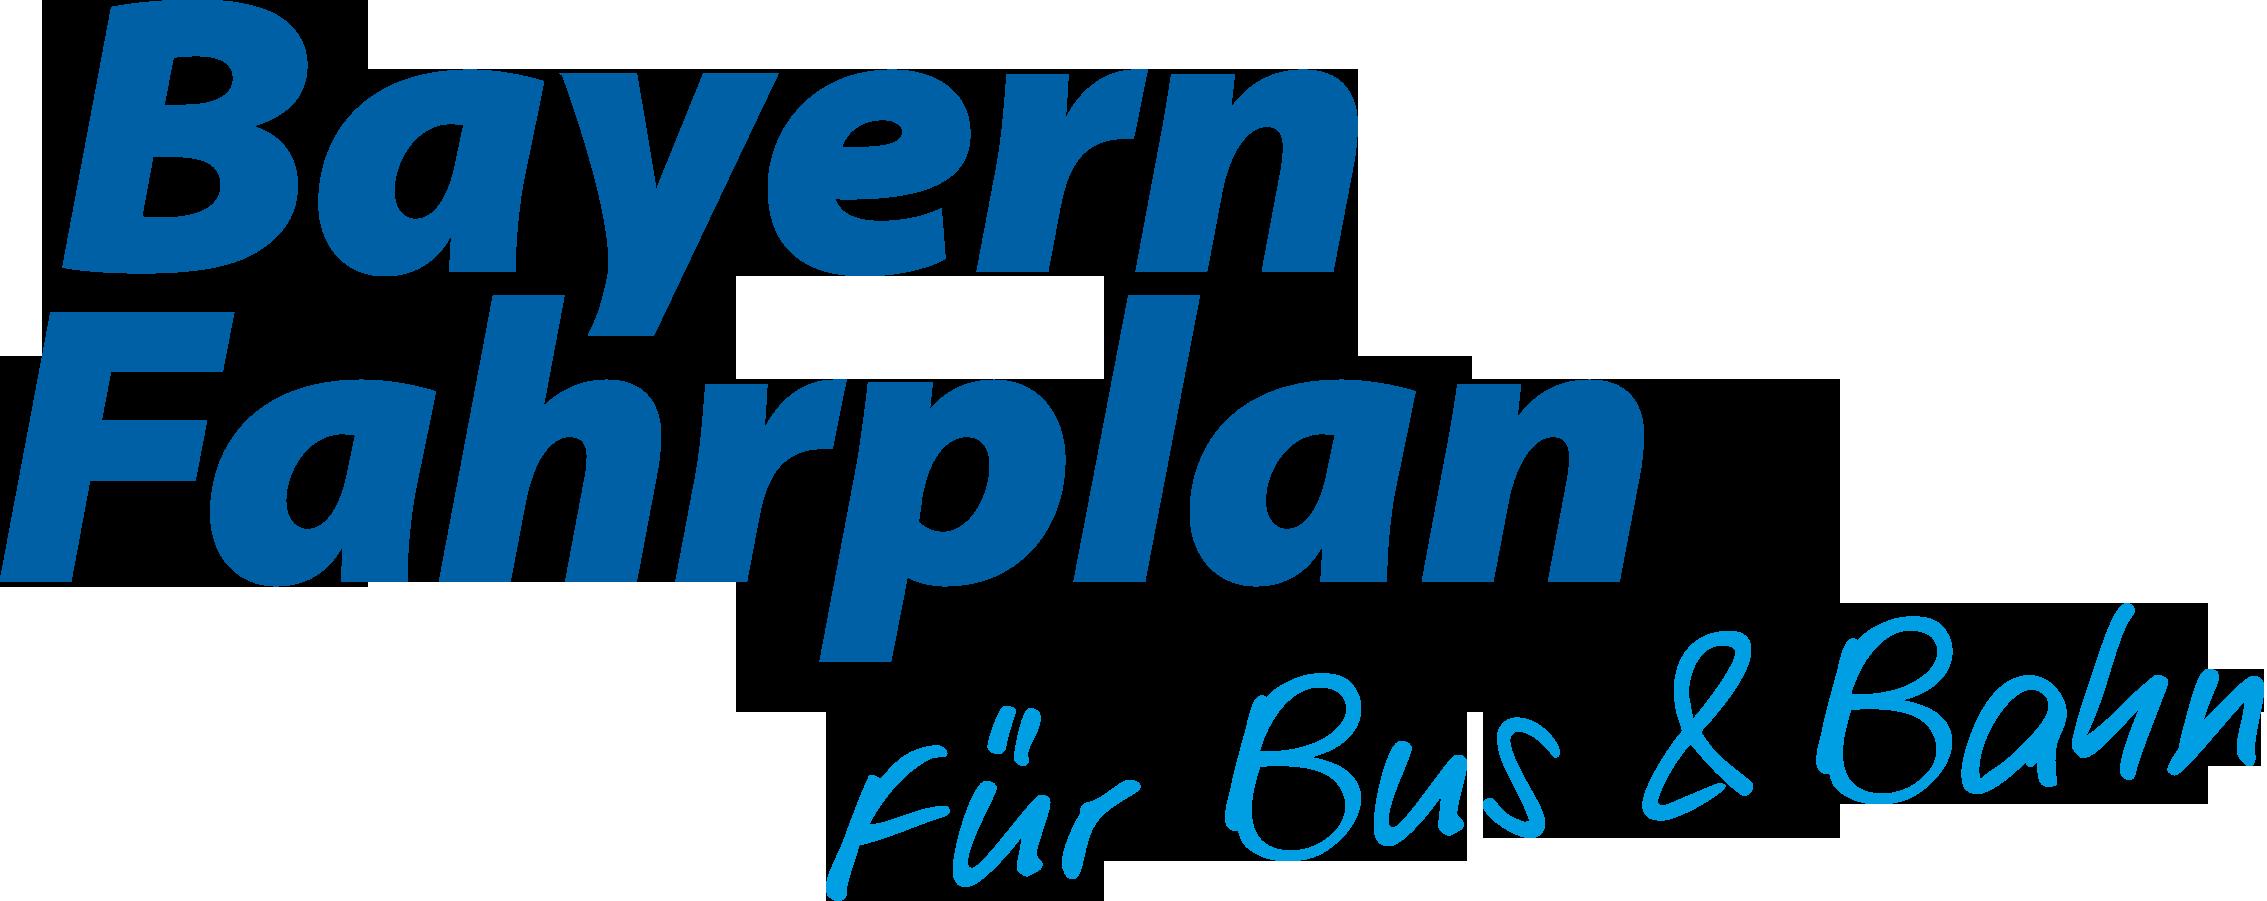 BEG_LO_Bayern-Fahrplan-2016_Blautöne